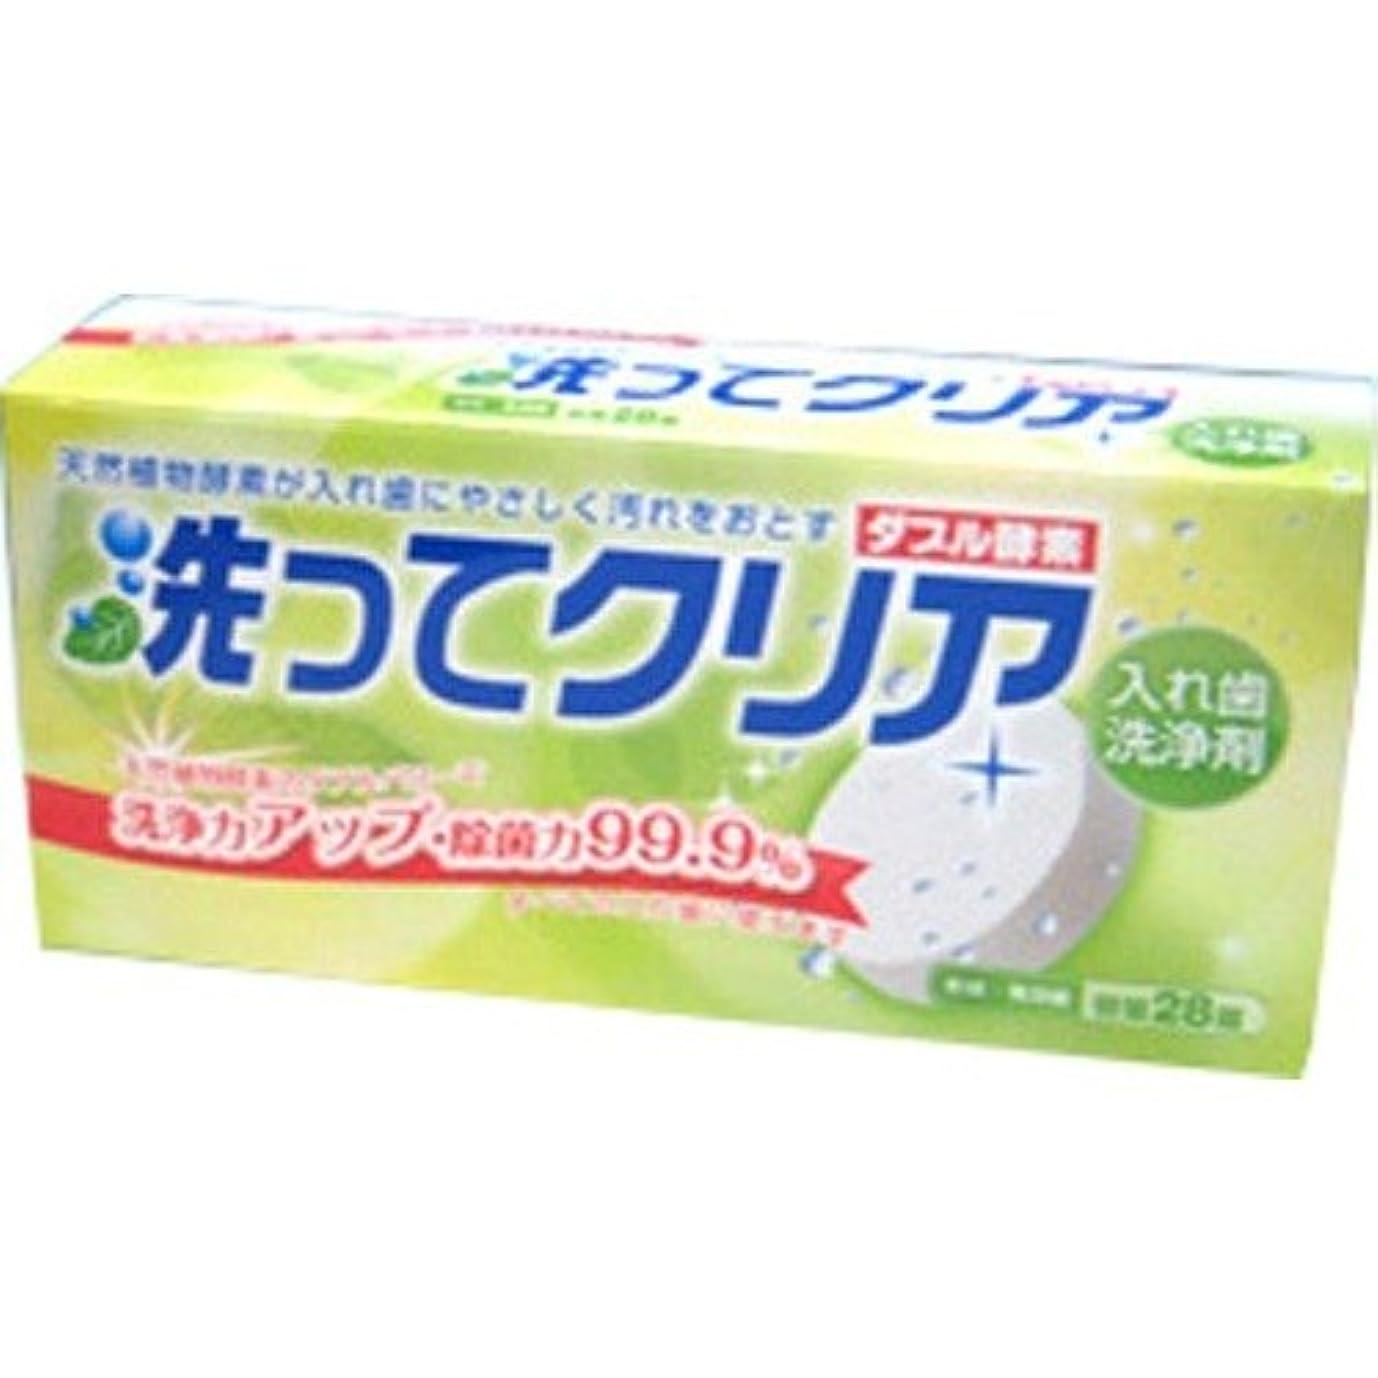 測定モンスター十分な東伸洋行株式会社 洗ってクリア ダブル酵素 28錠 入れ歯洗浄剤